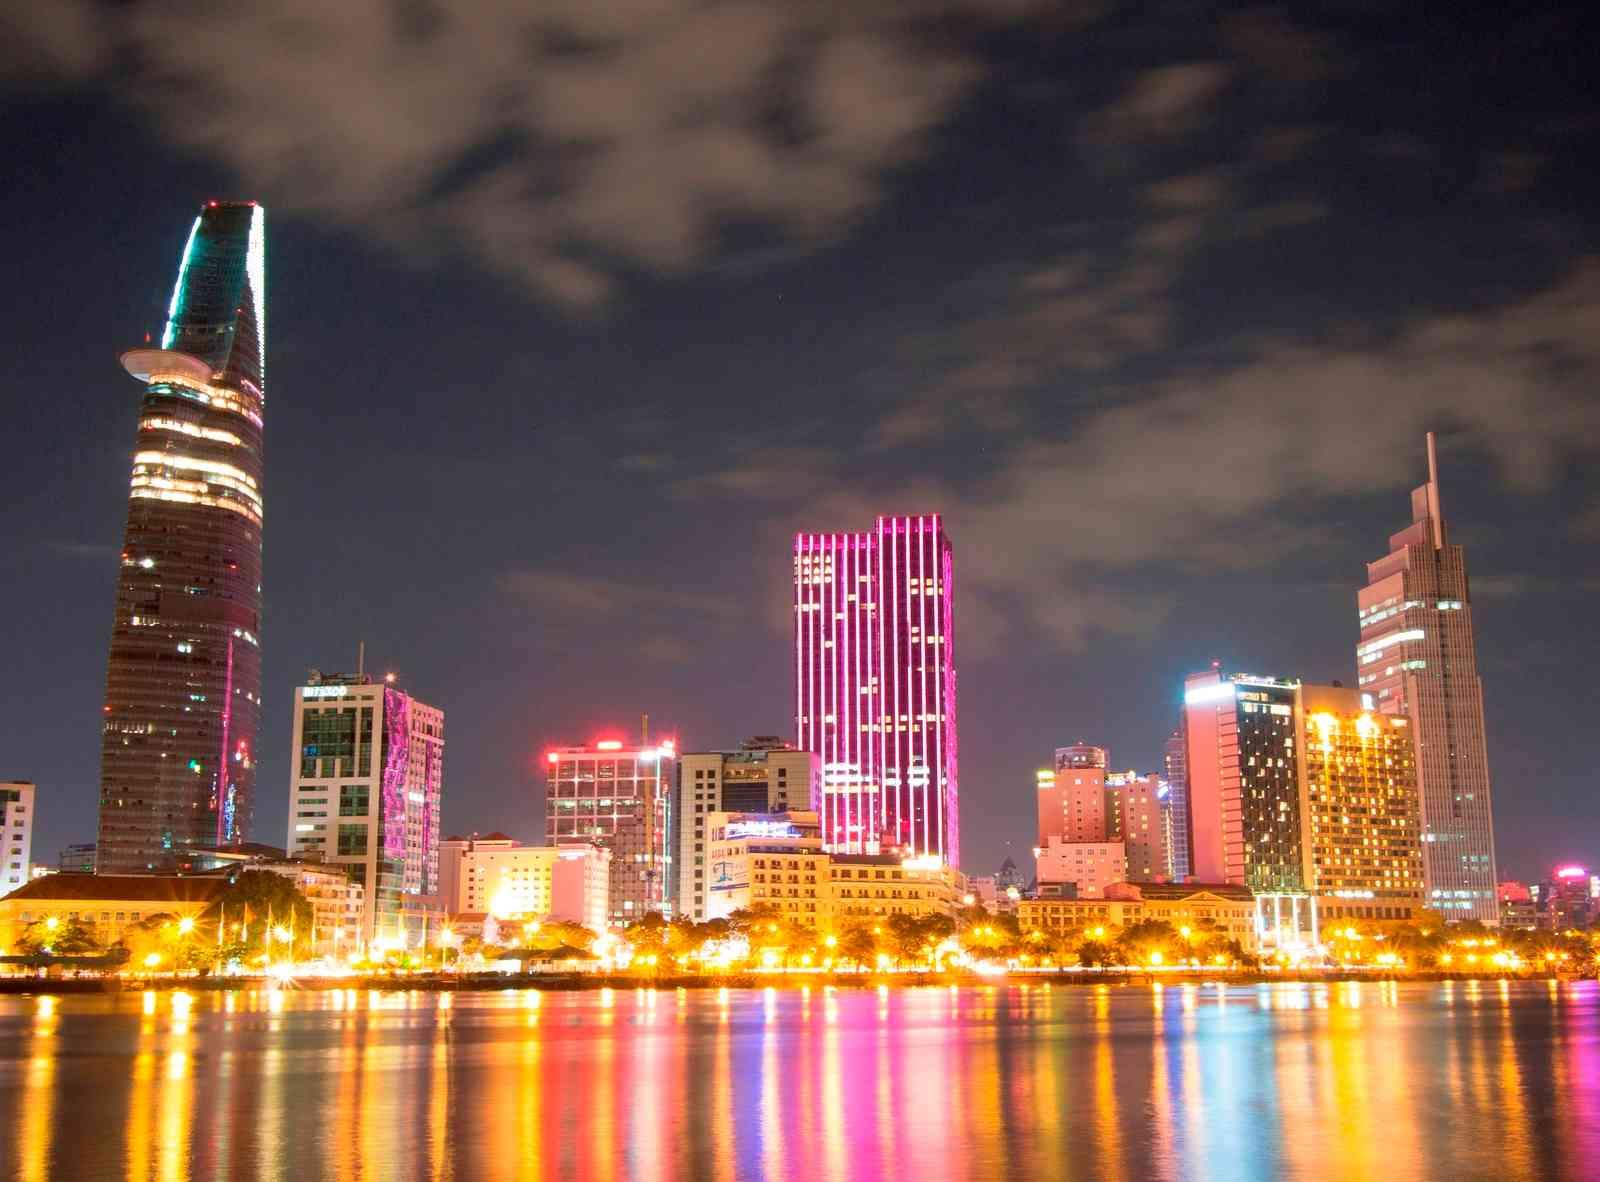 Các dự án Bất động sản sắp triển khai trong năm 2021 tại TPHCM | Thuận Hùng  Group